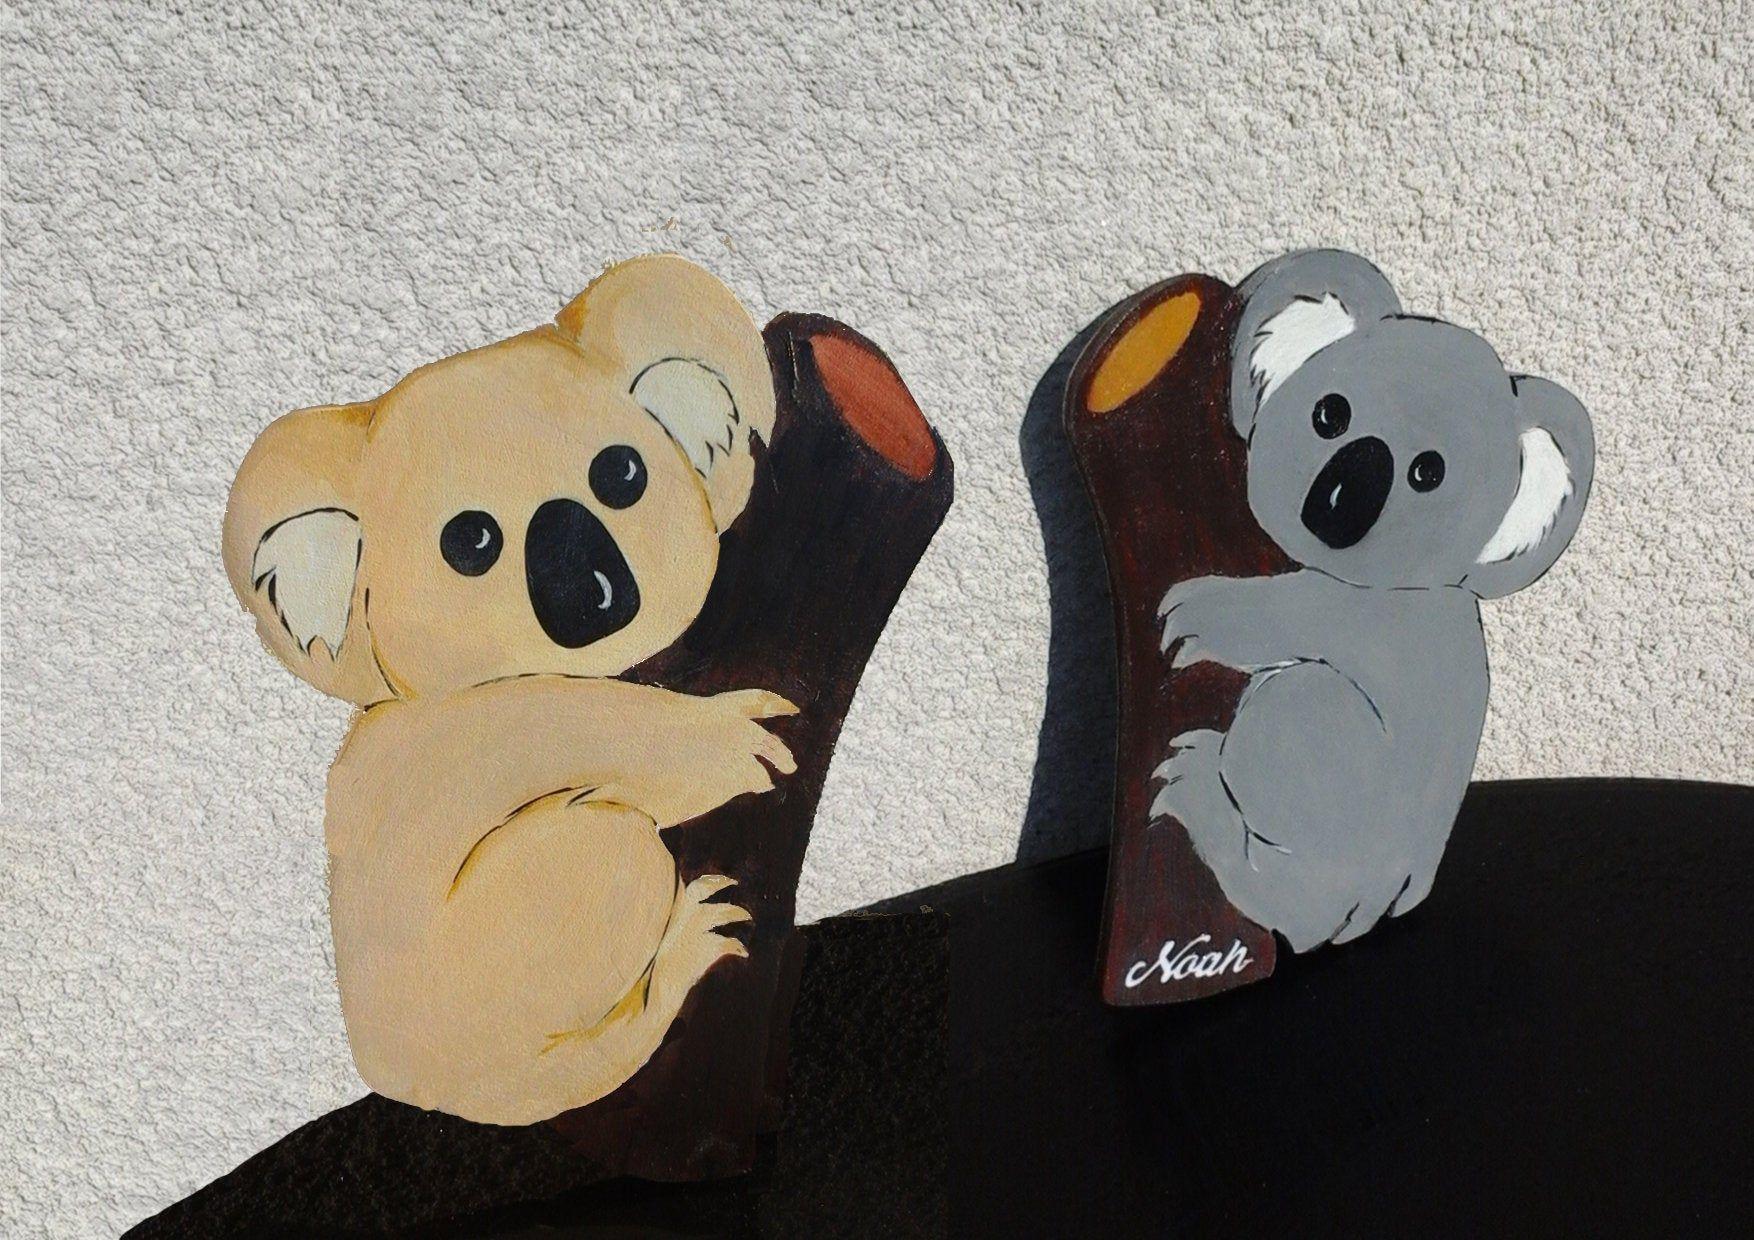 Scooby doo personnalisé en bois porte plaque